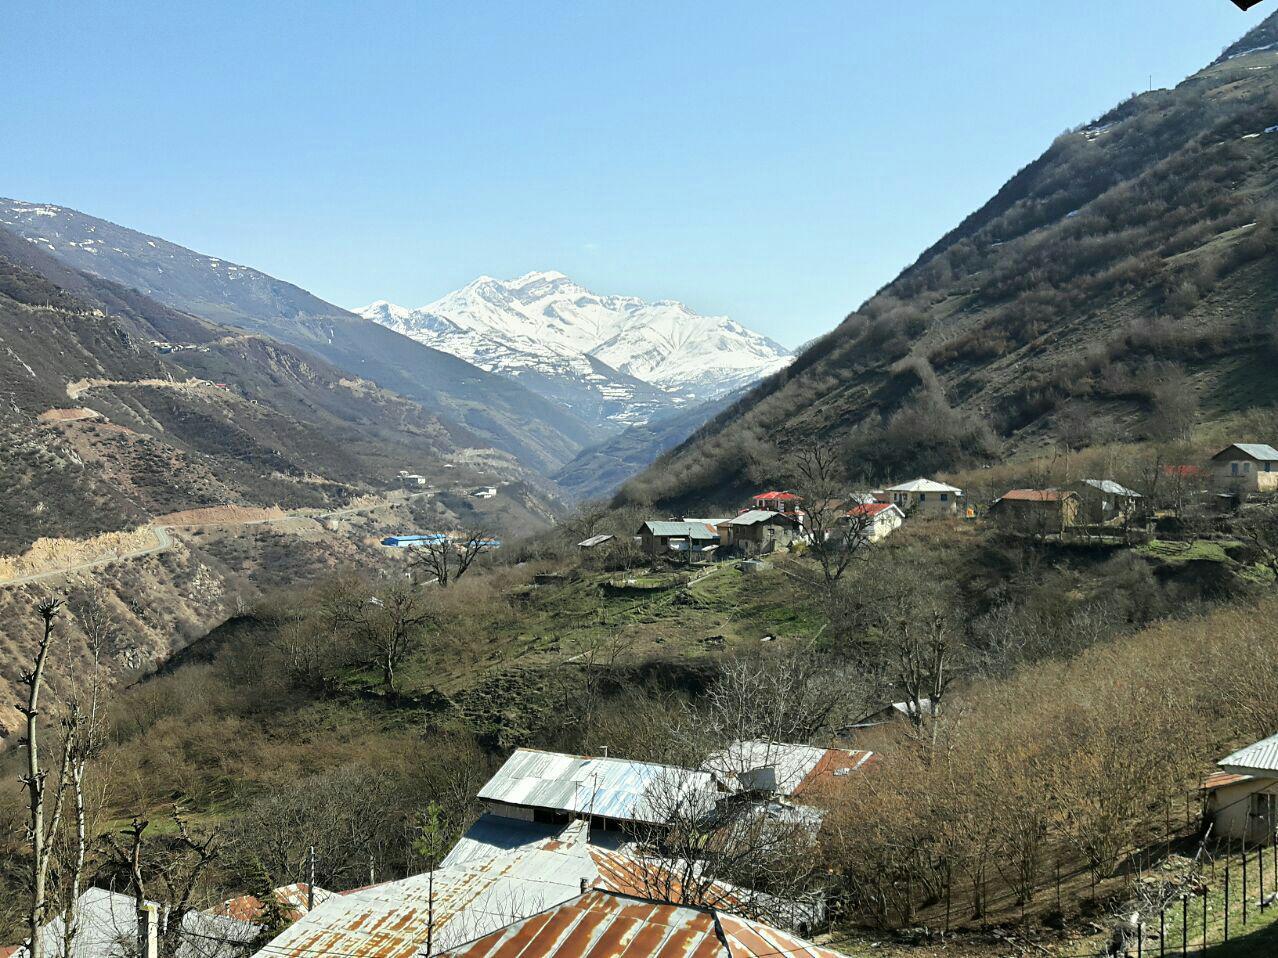 طبیعت زیبای یکی از روستاهای گردشگری اشکورات رودسر + تصاویر